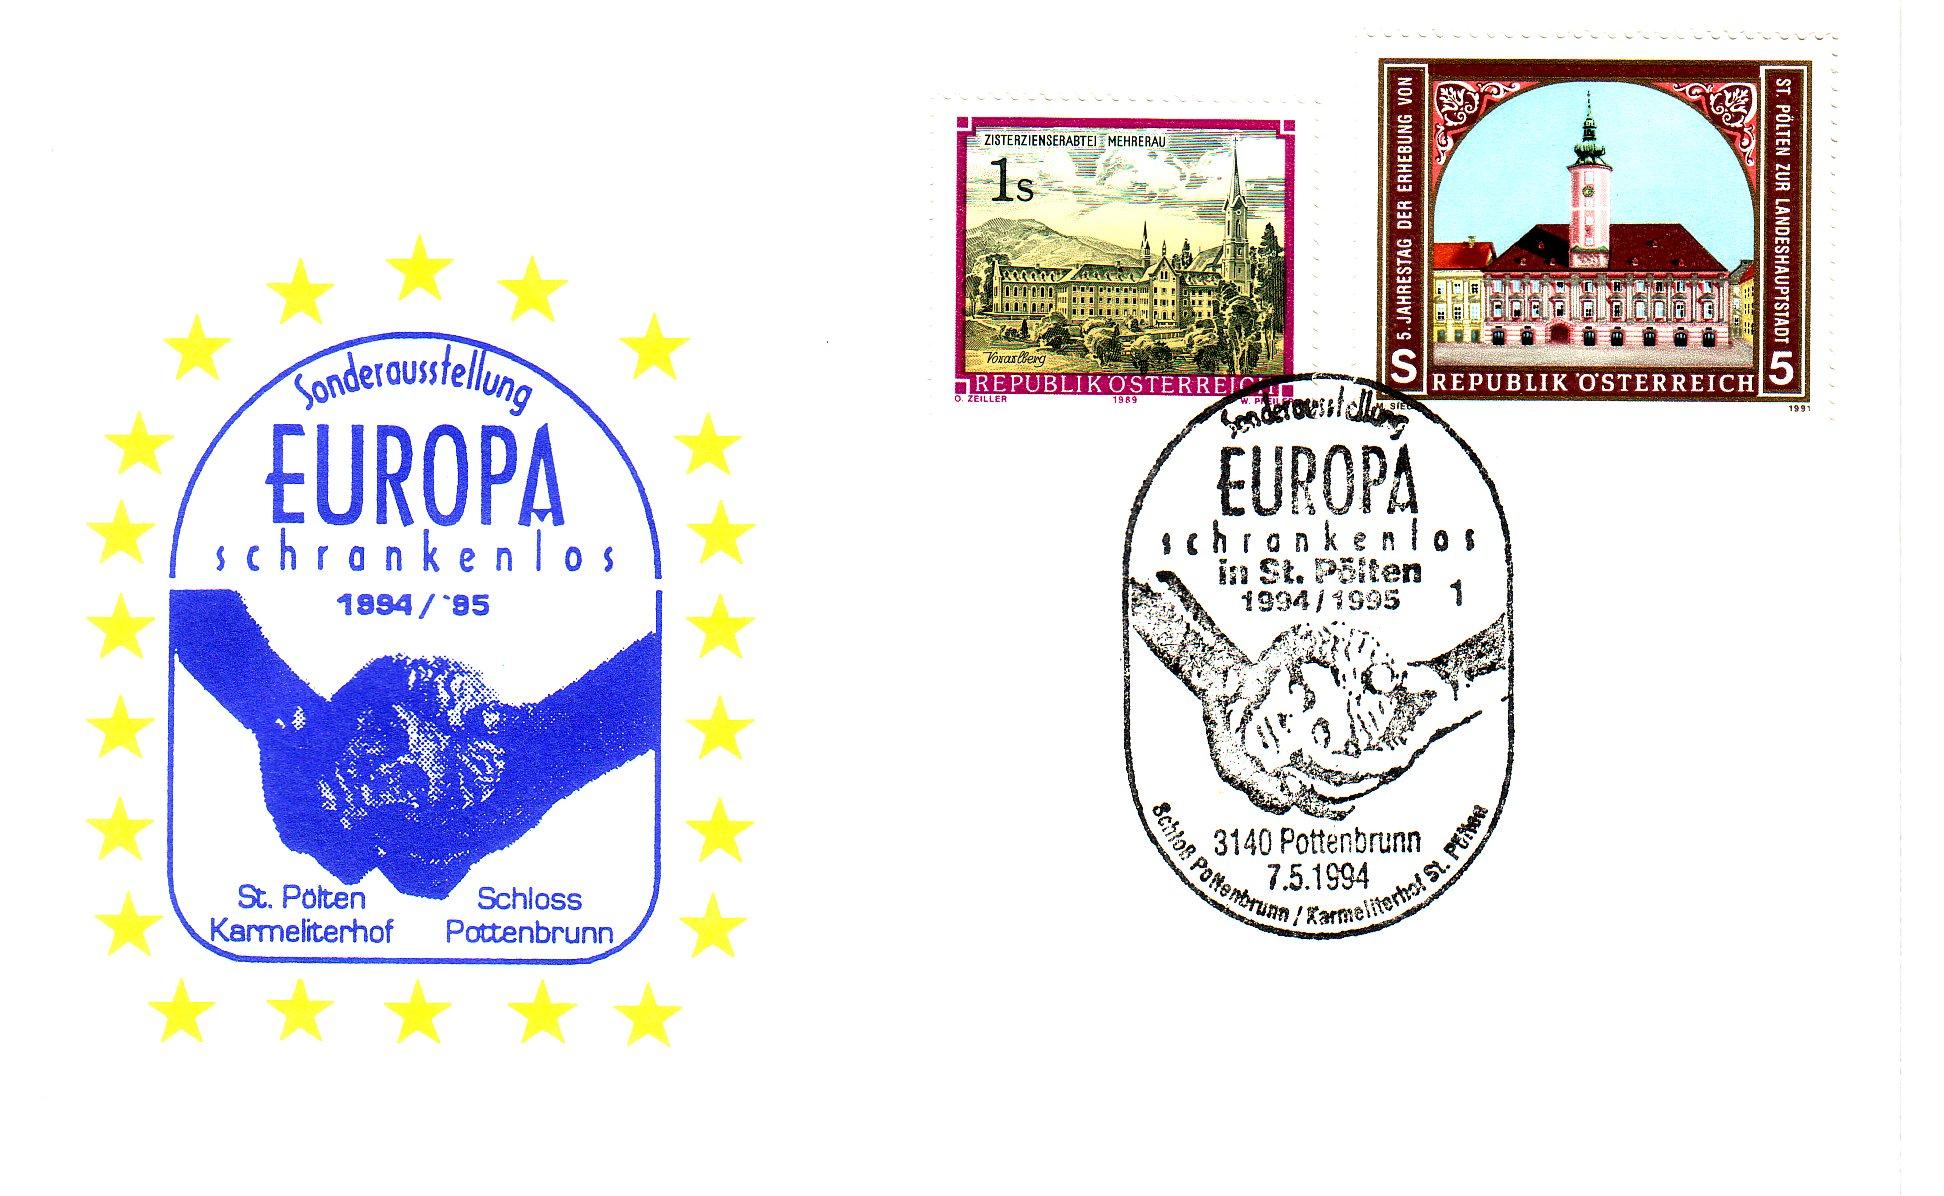 1994 1.-EUR Europa schrankenlos